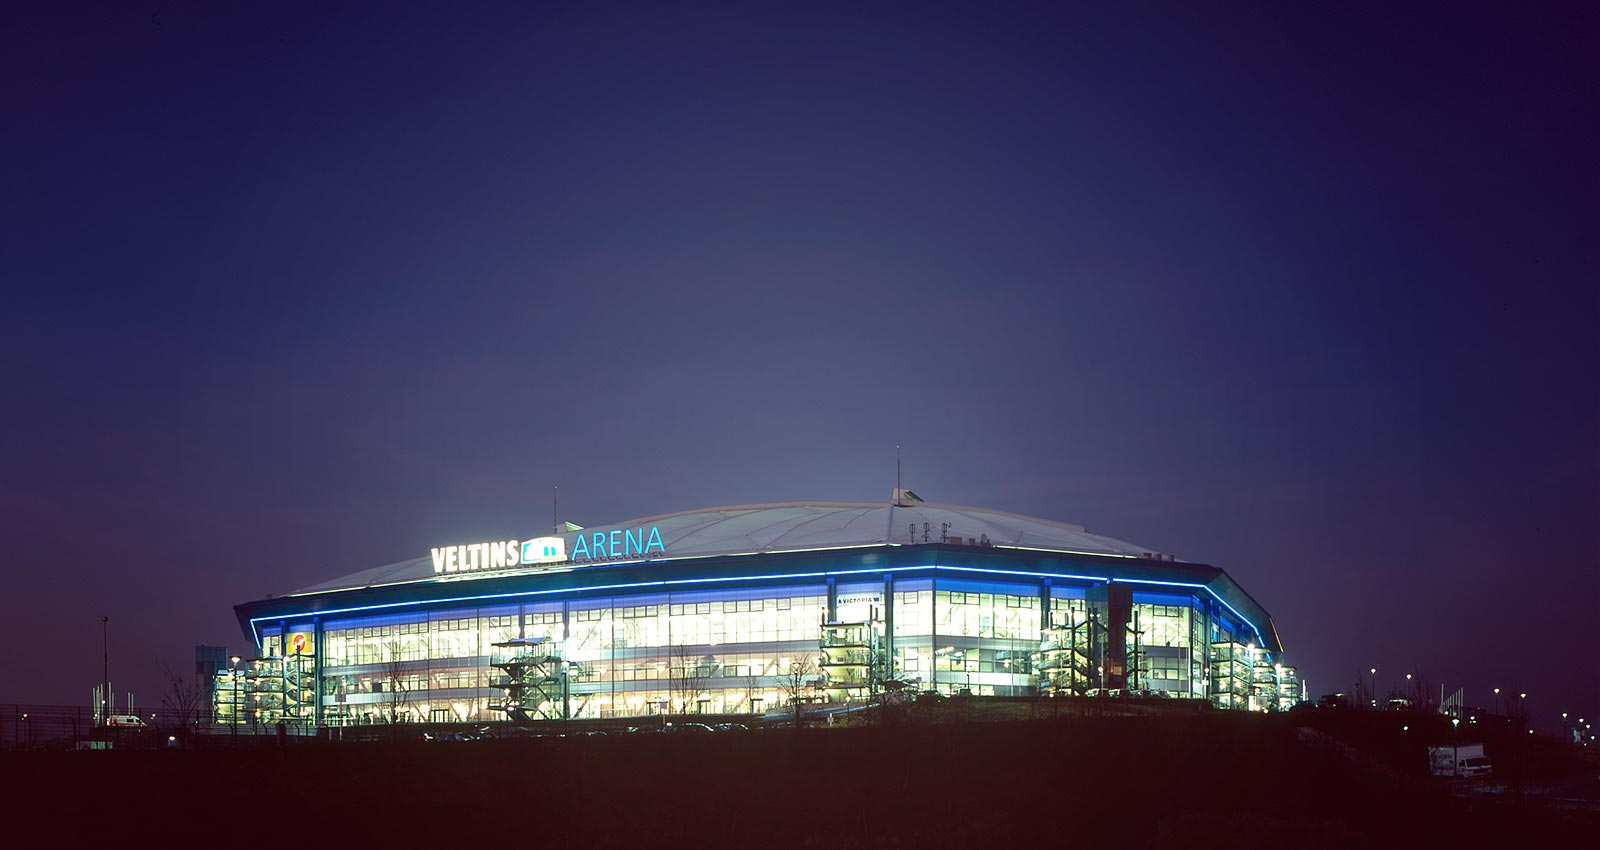 FC Schalke 04 - Fussballsponsoring mit Vertrauen